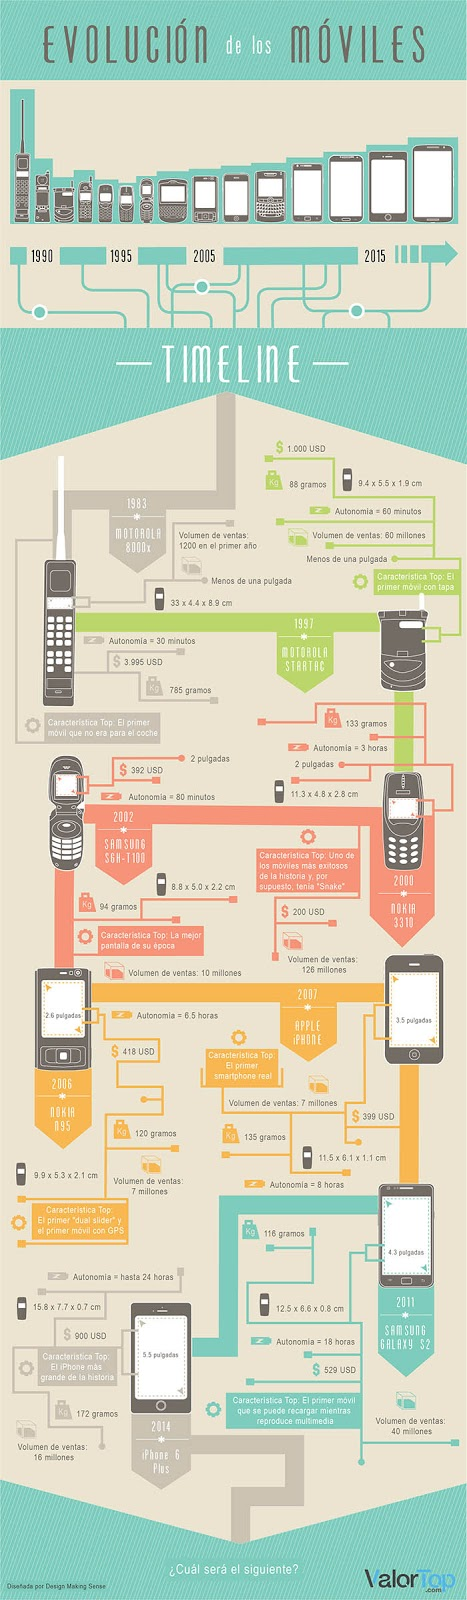 Evolución de los móviles 2019